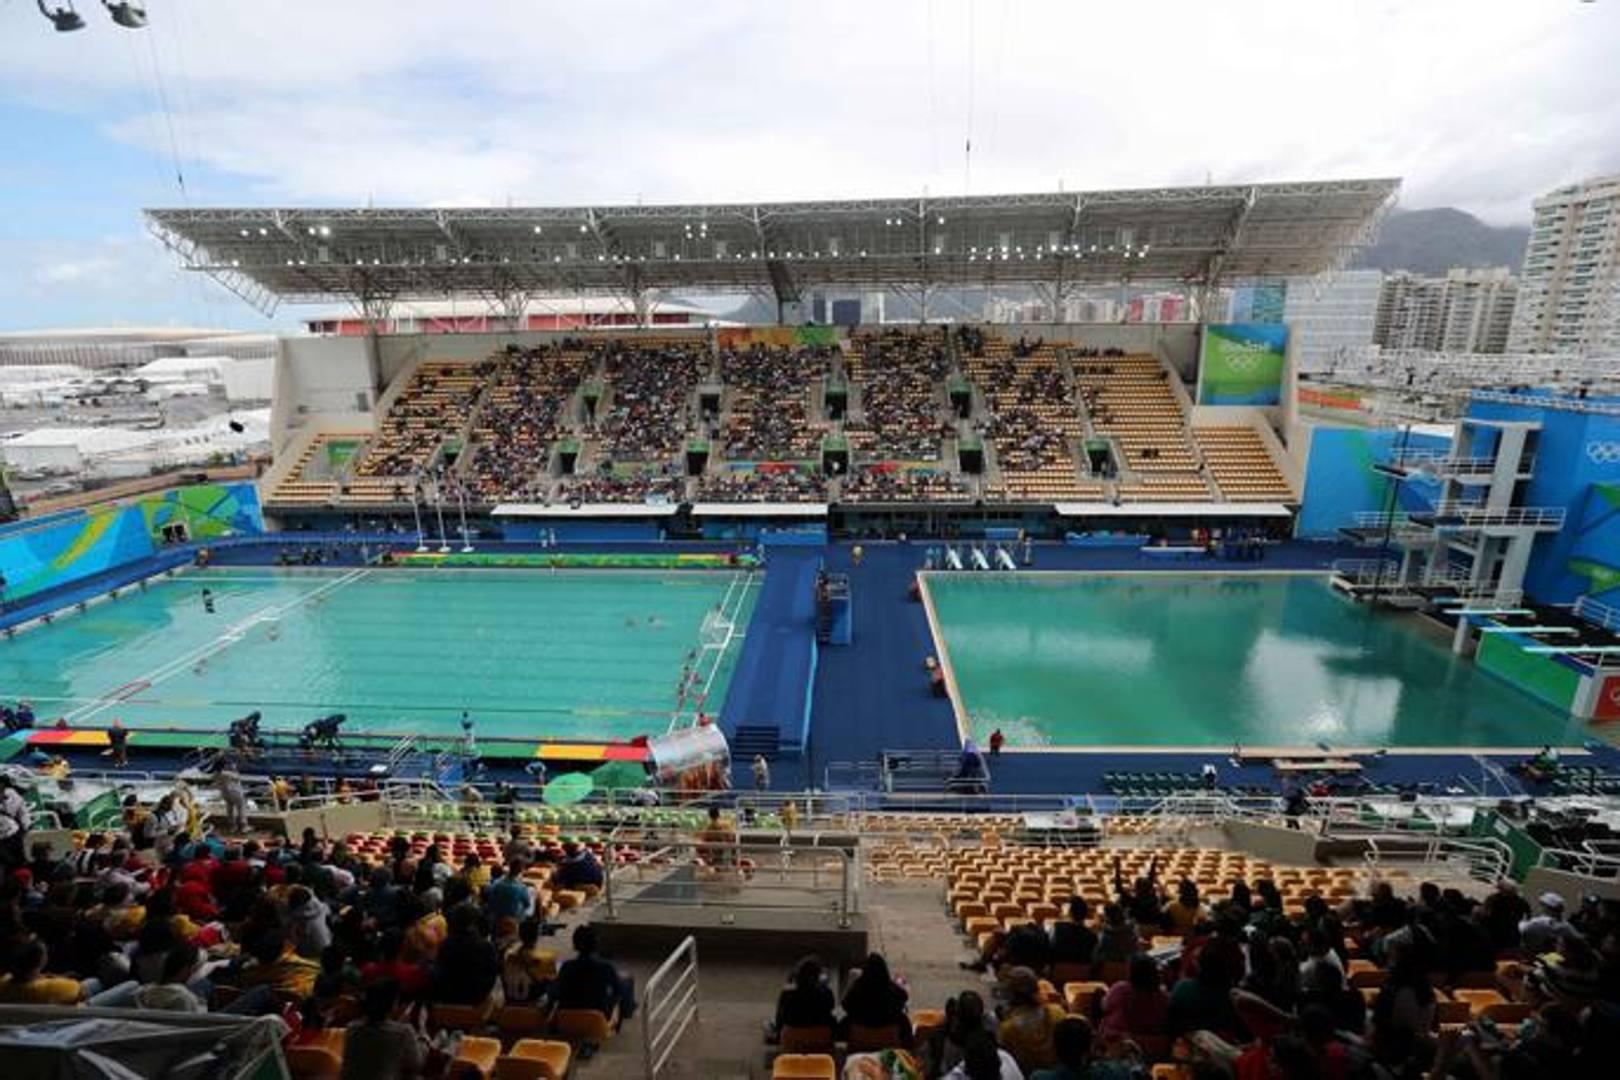 Acqua azzurra acqua chiara la piscina di rio la - Piscina olimpiadi ...